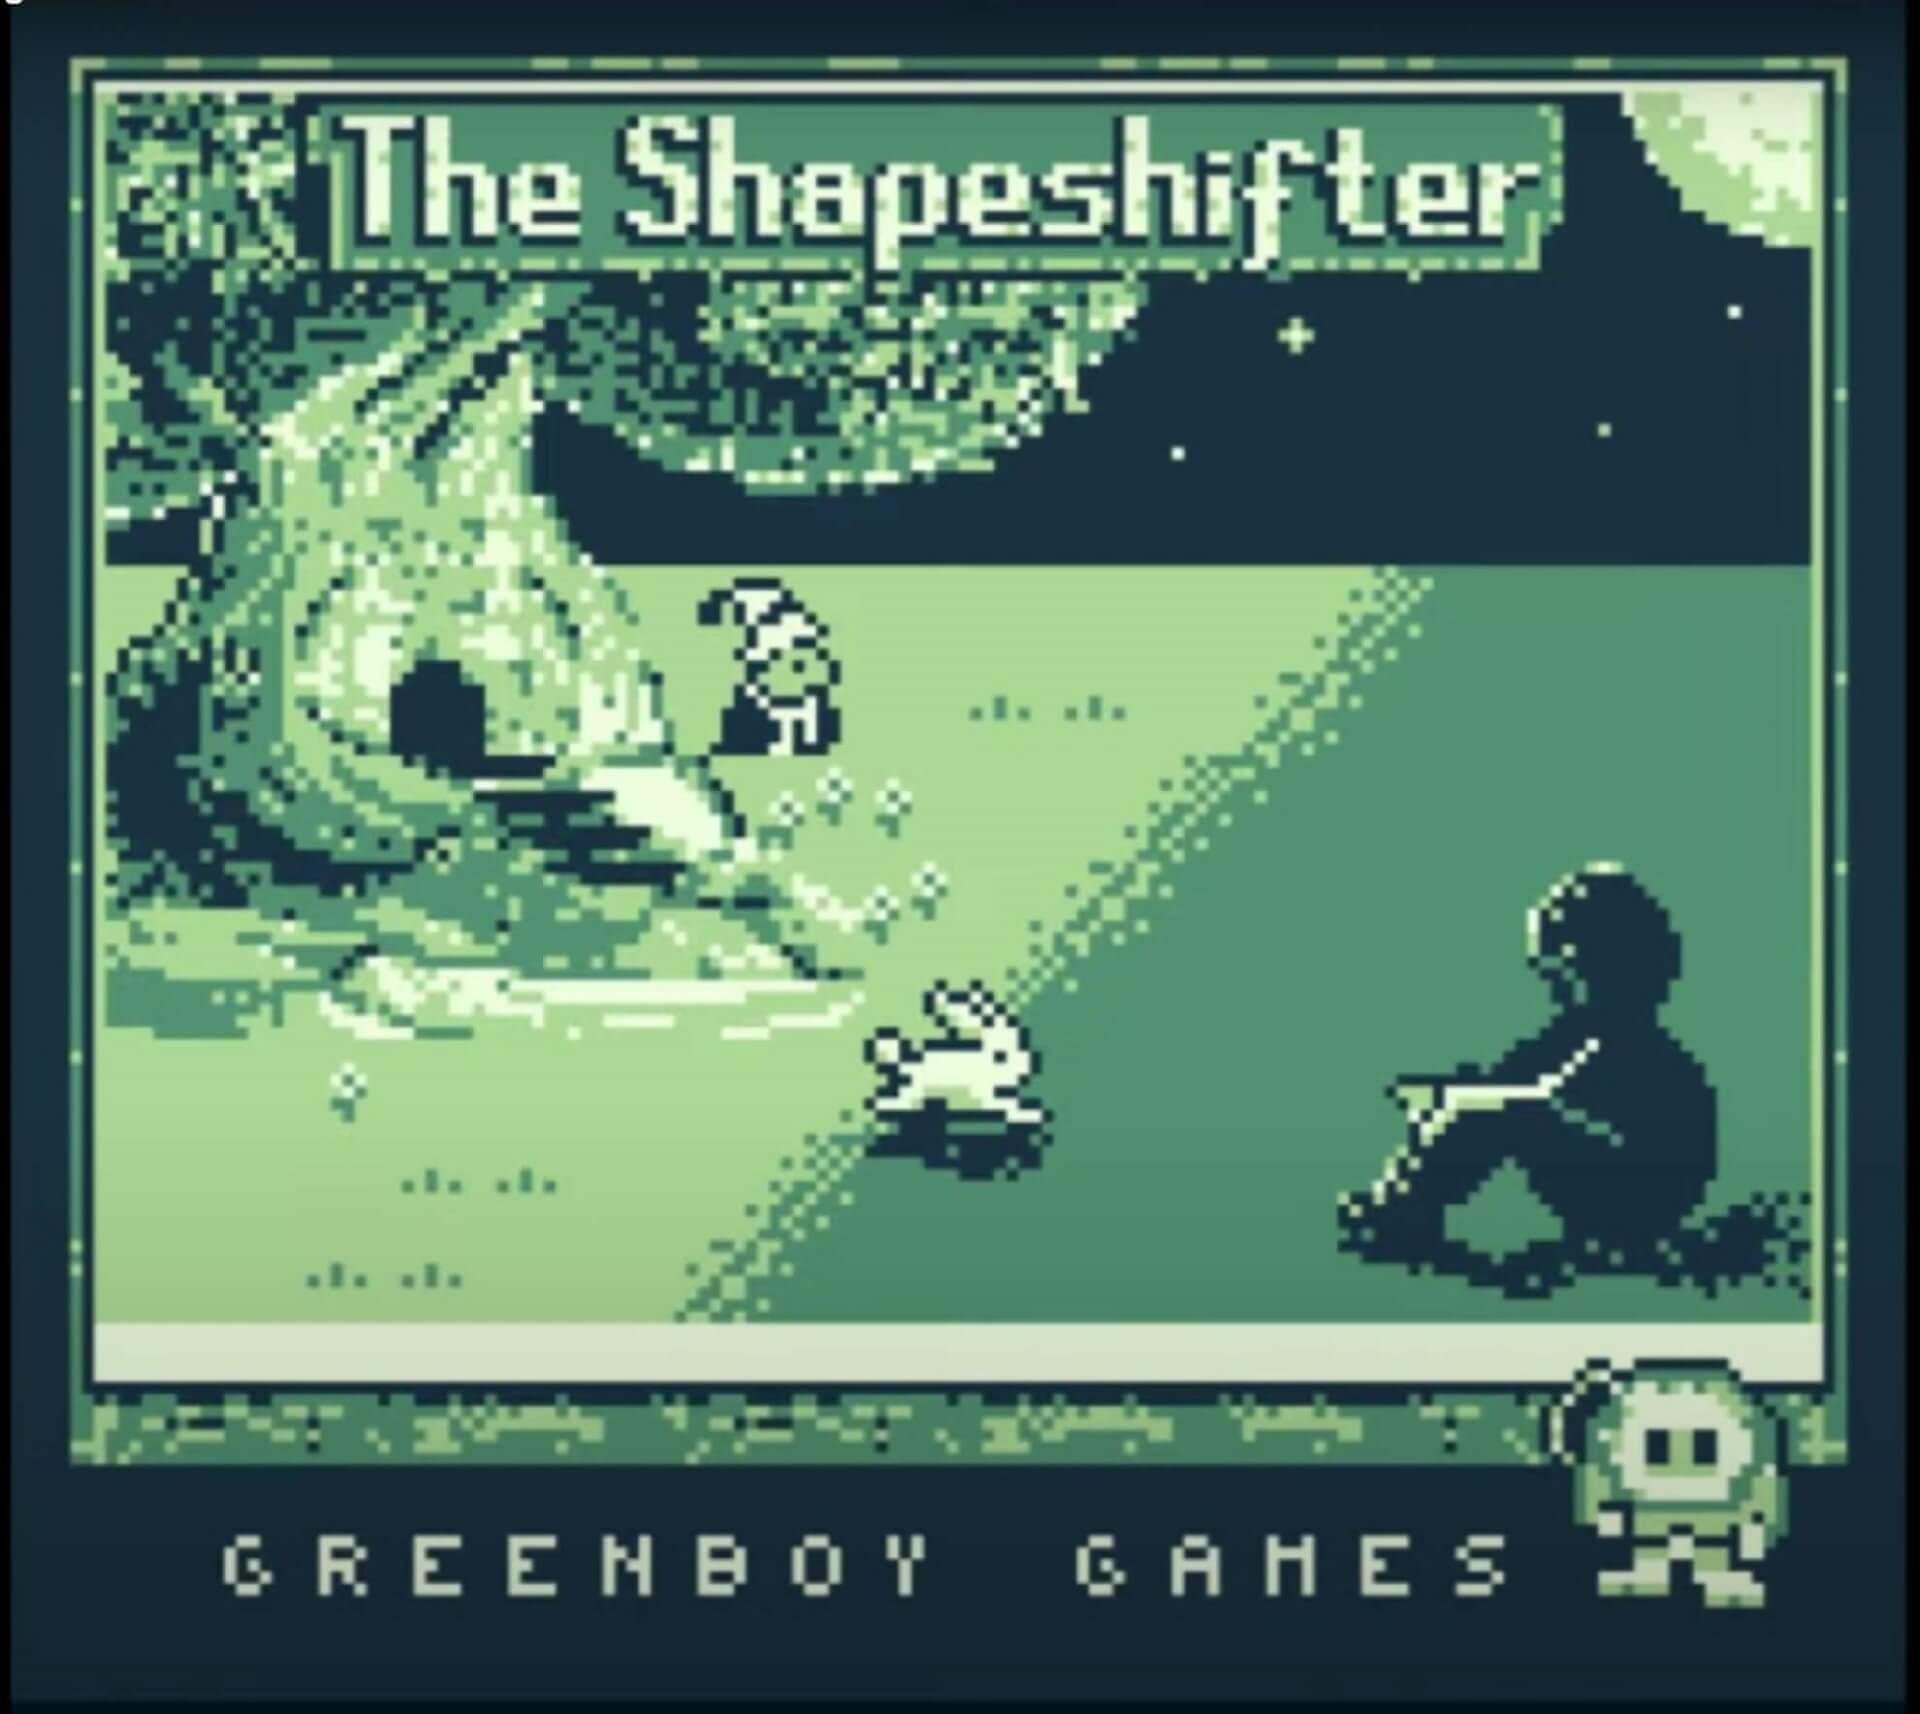 The Shapeshifter: Neues Spiel für den Game Boy soll 2021 erscheinen